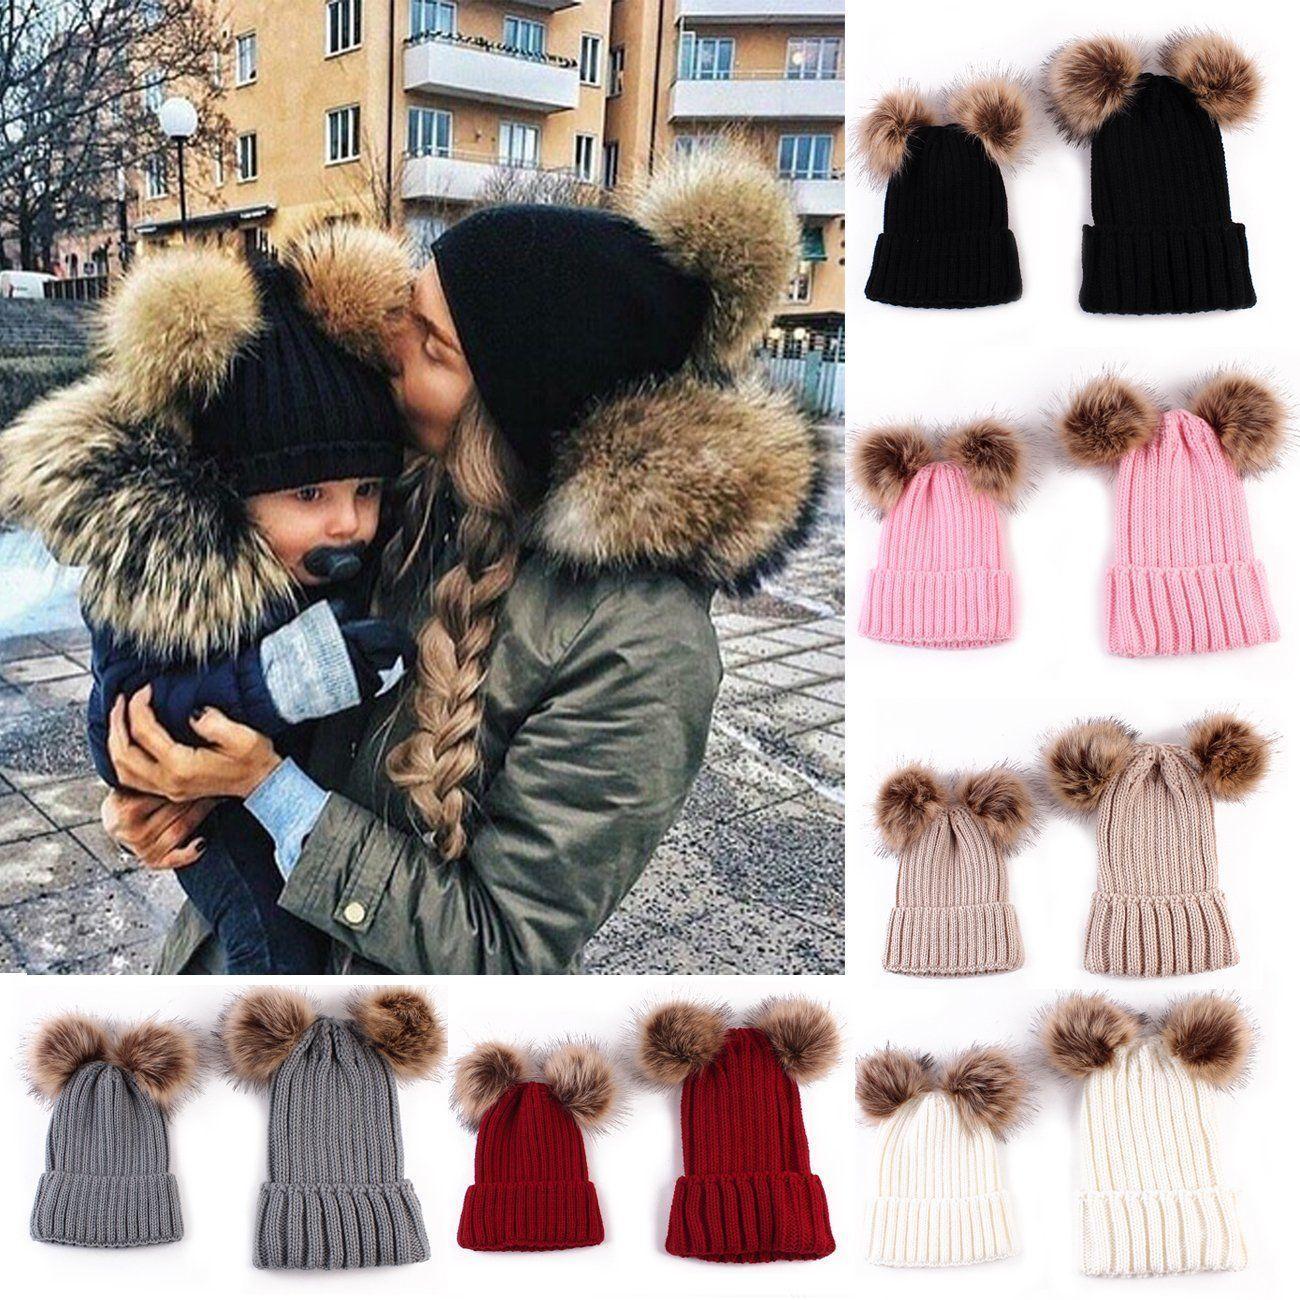 bb96f8212fc 2Pcs Women Mother Kids Child Warm Winter Knit Beanie Fur Pom Hat Crochet  Ski Cap